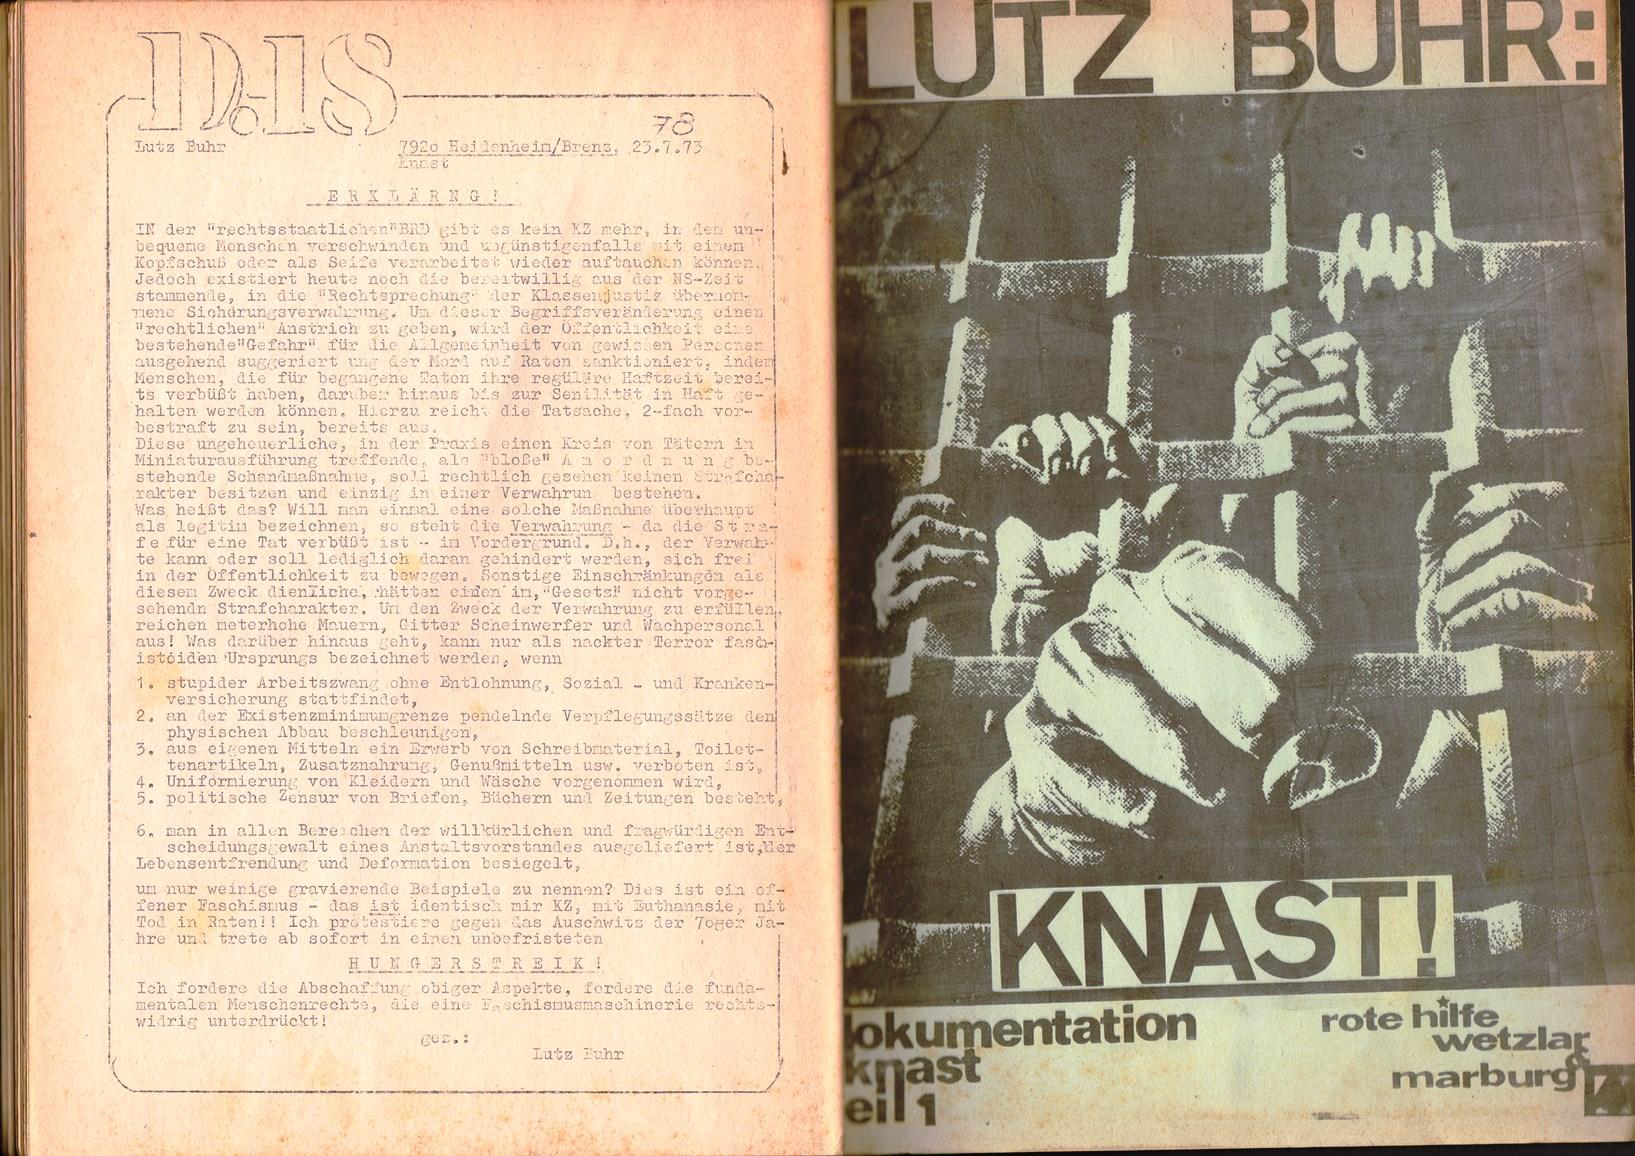 Wetzlar_Marburg_RH_SK_Lutz_Buhr_Knast_1973_01